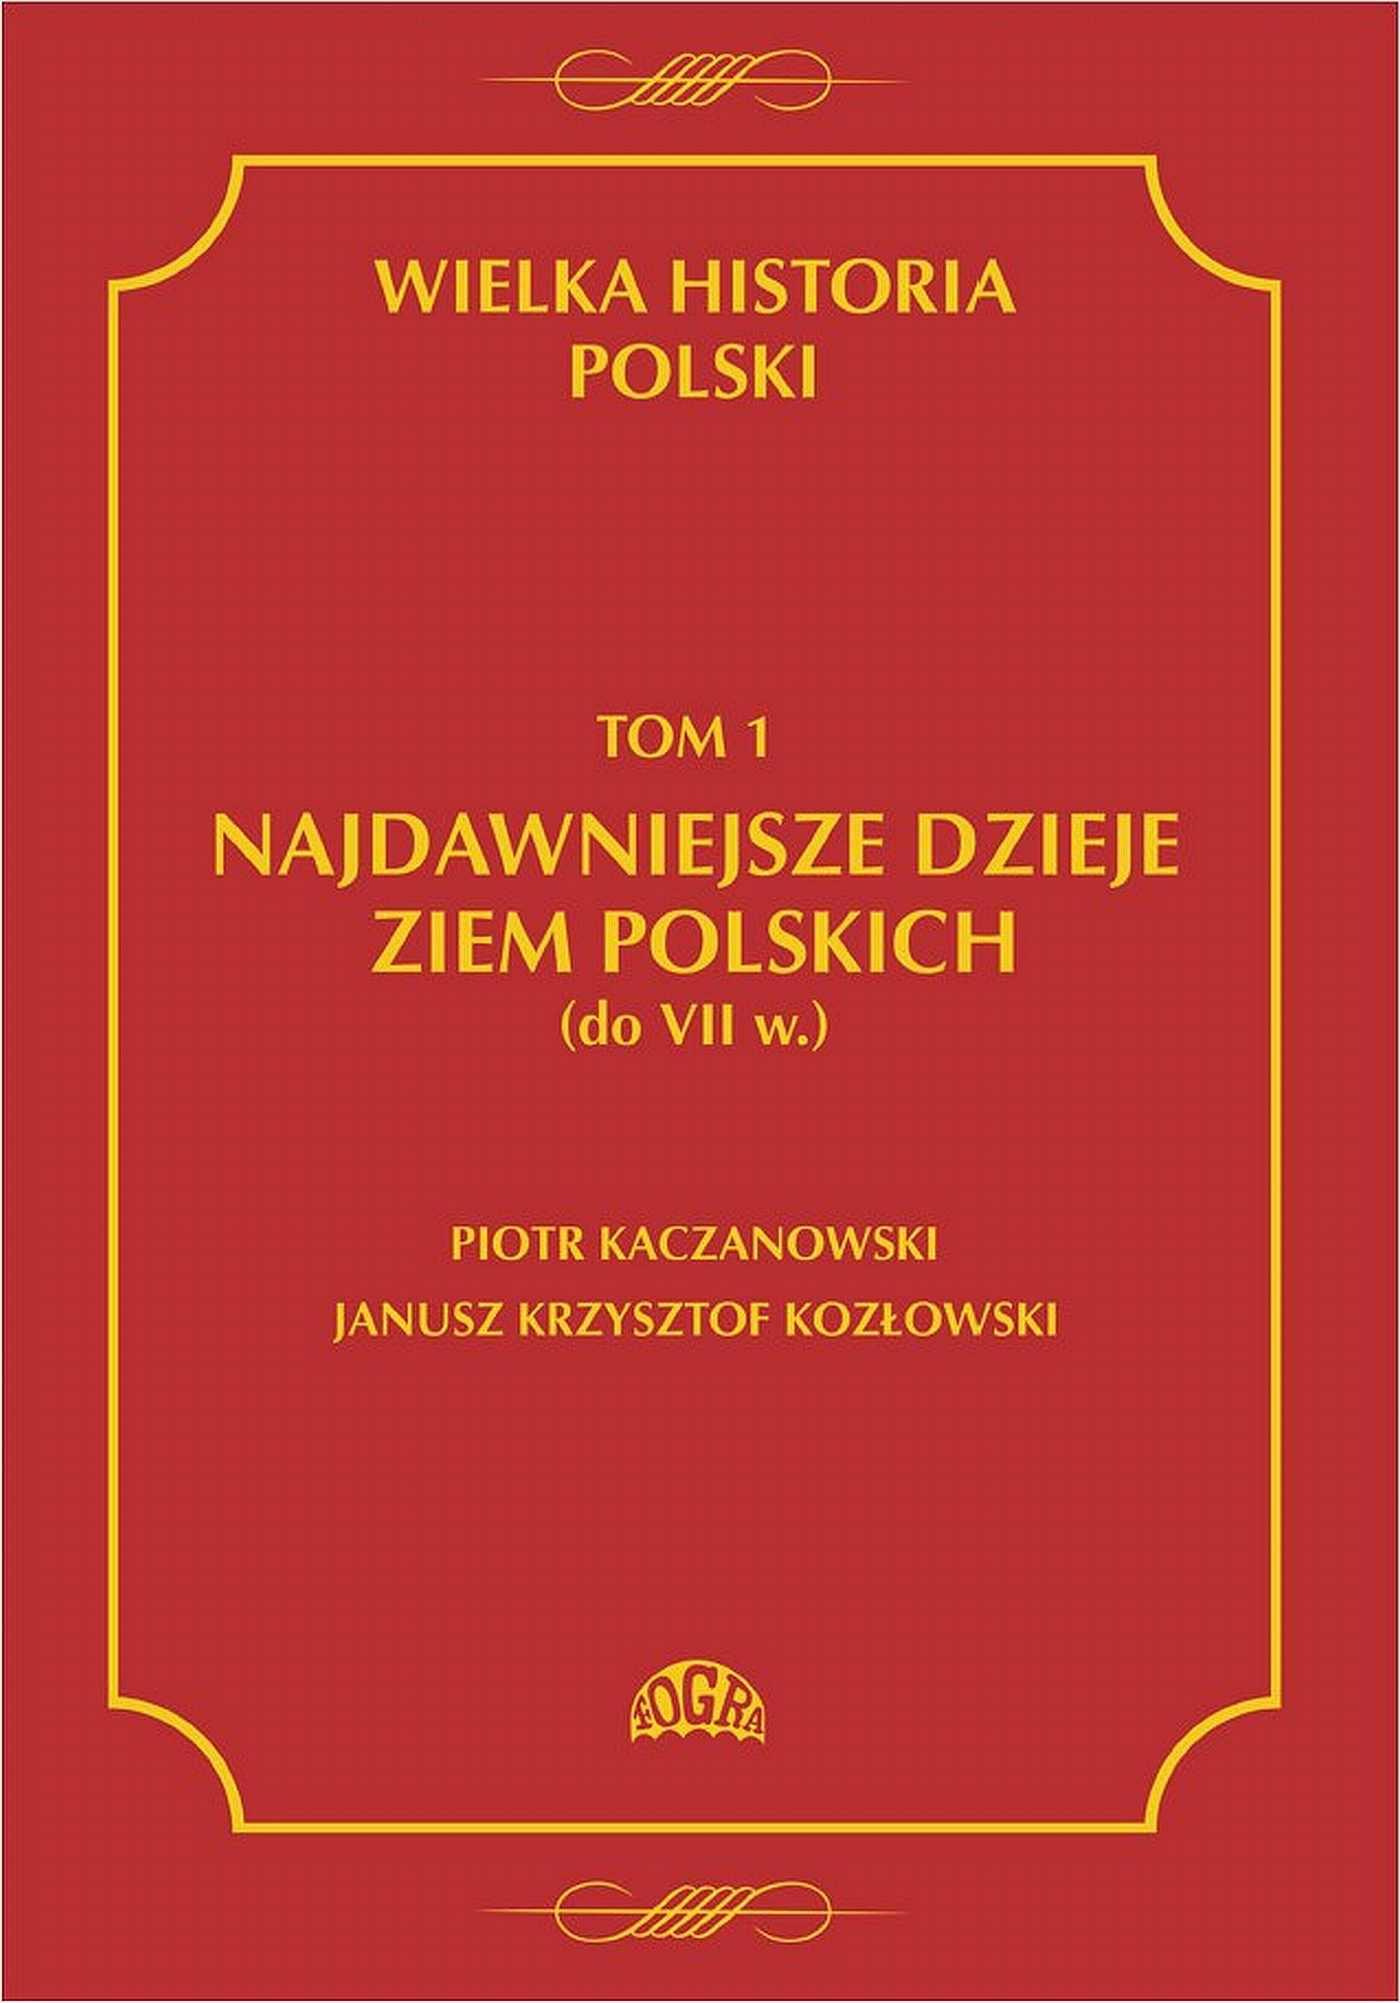 Wielka historia Polski Tom 1 Najdawniejsze dzieje ziem polskich (do VII w.) - Ebook (Książka PDF) do pobrania w formacie PDF